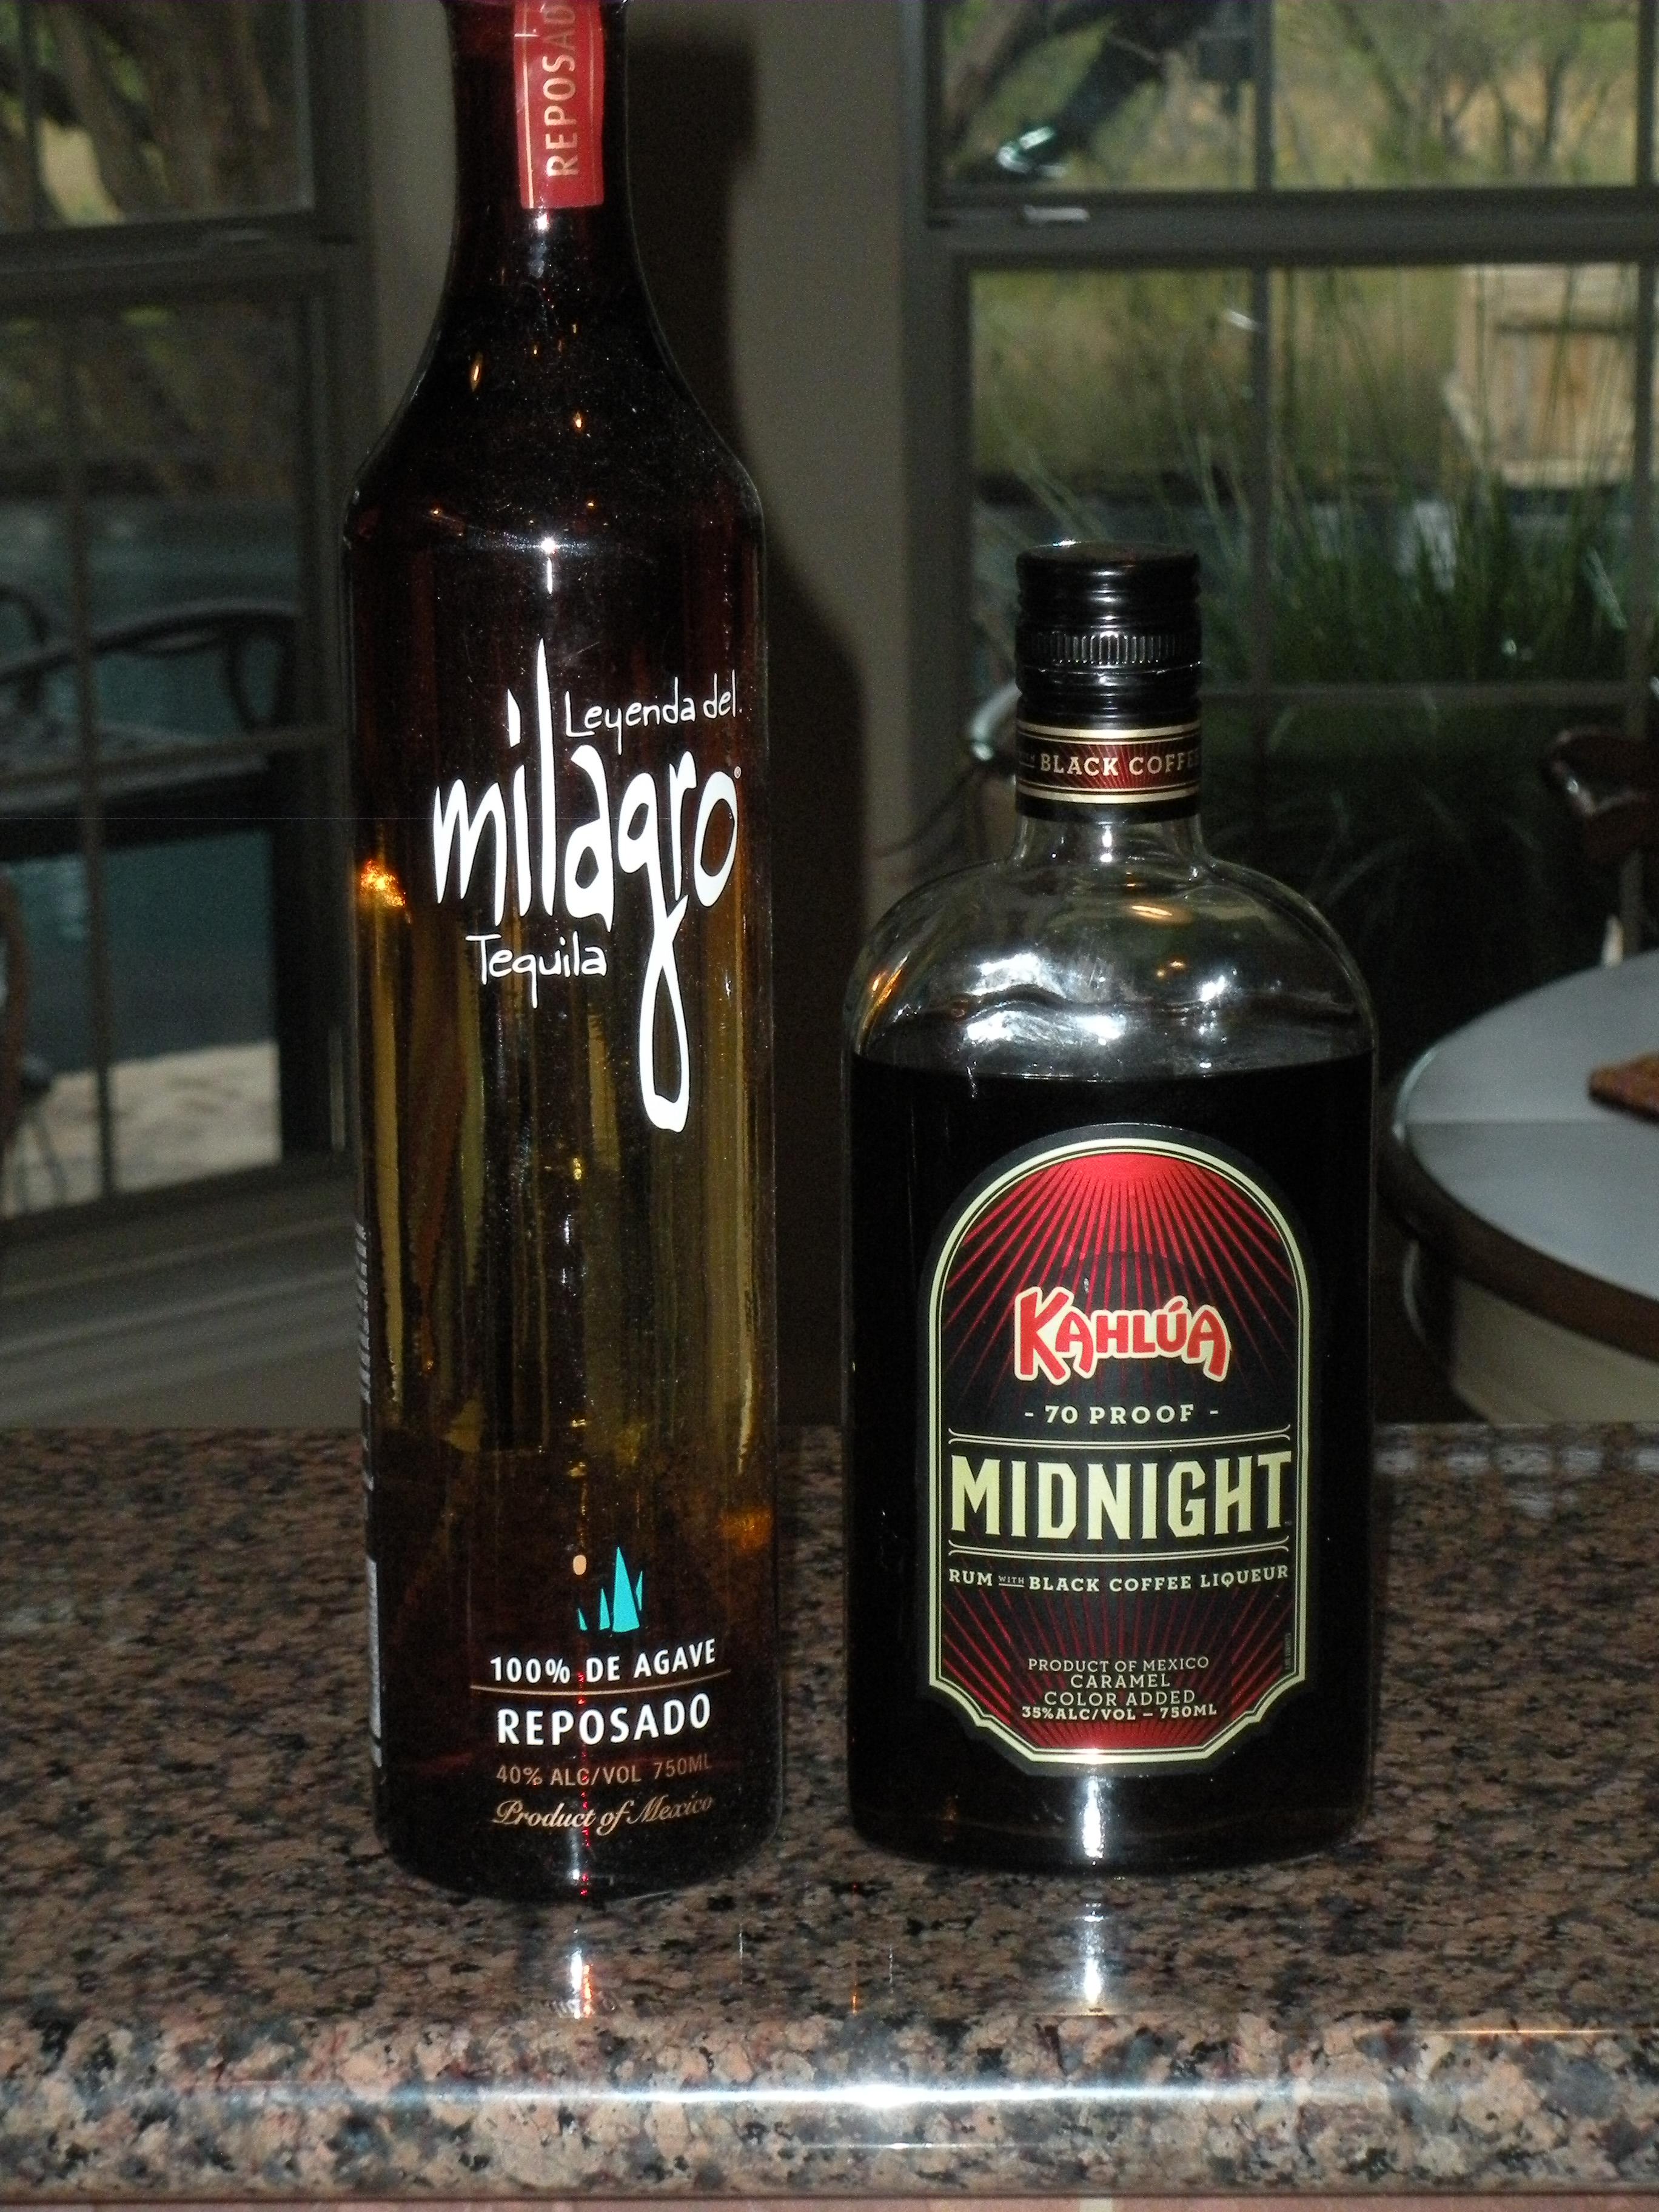 Tequila Moonlight